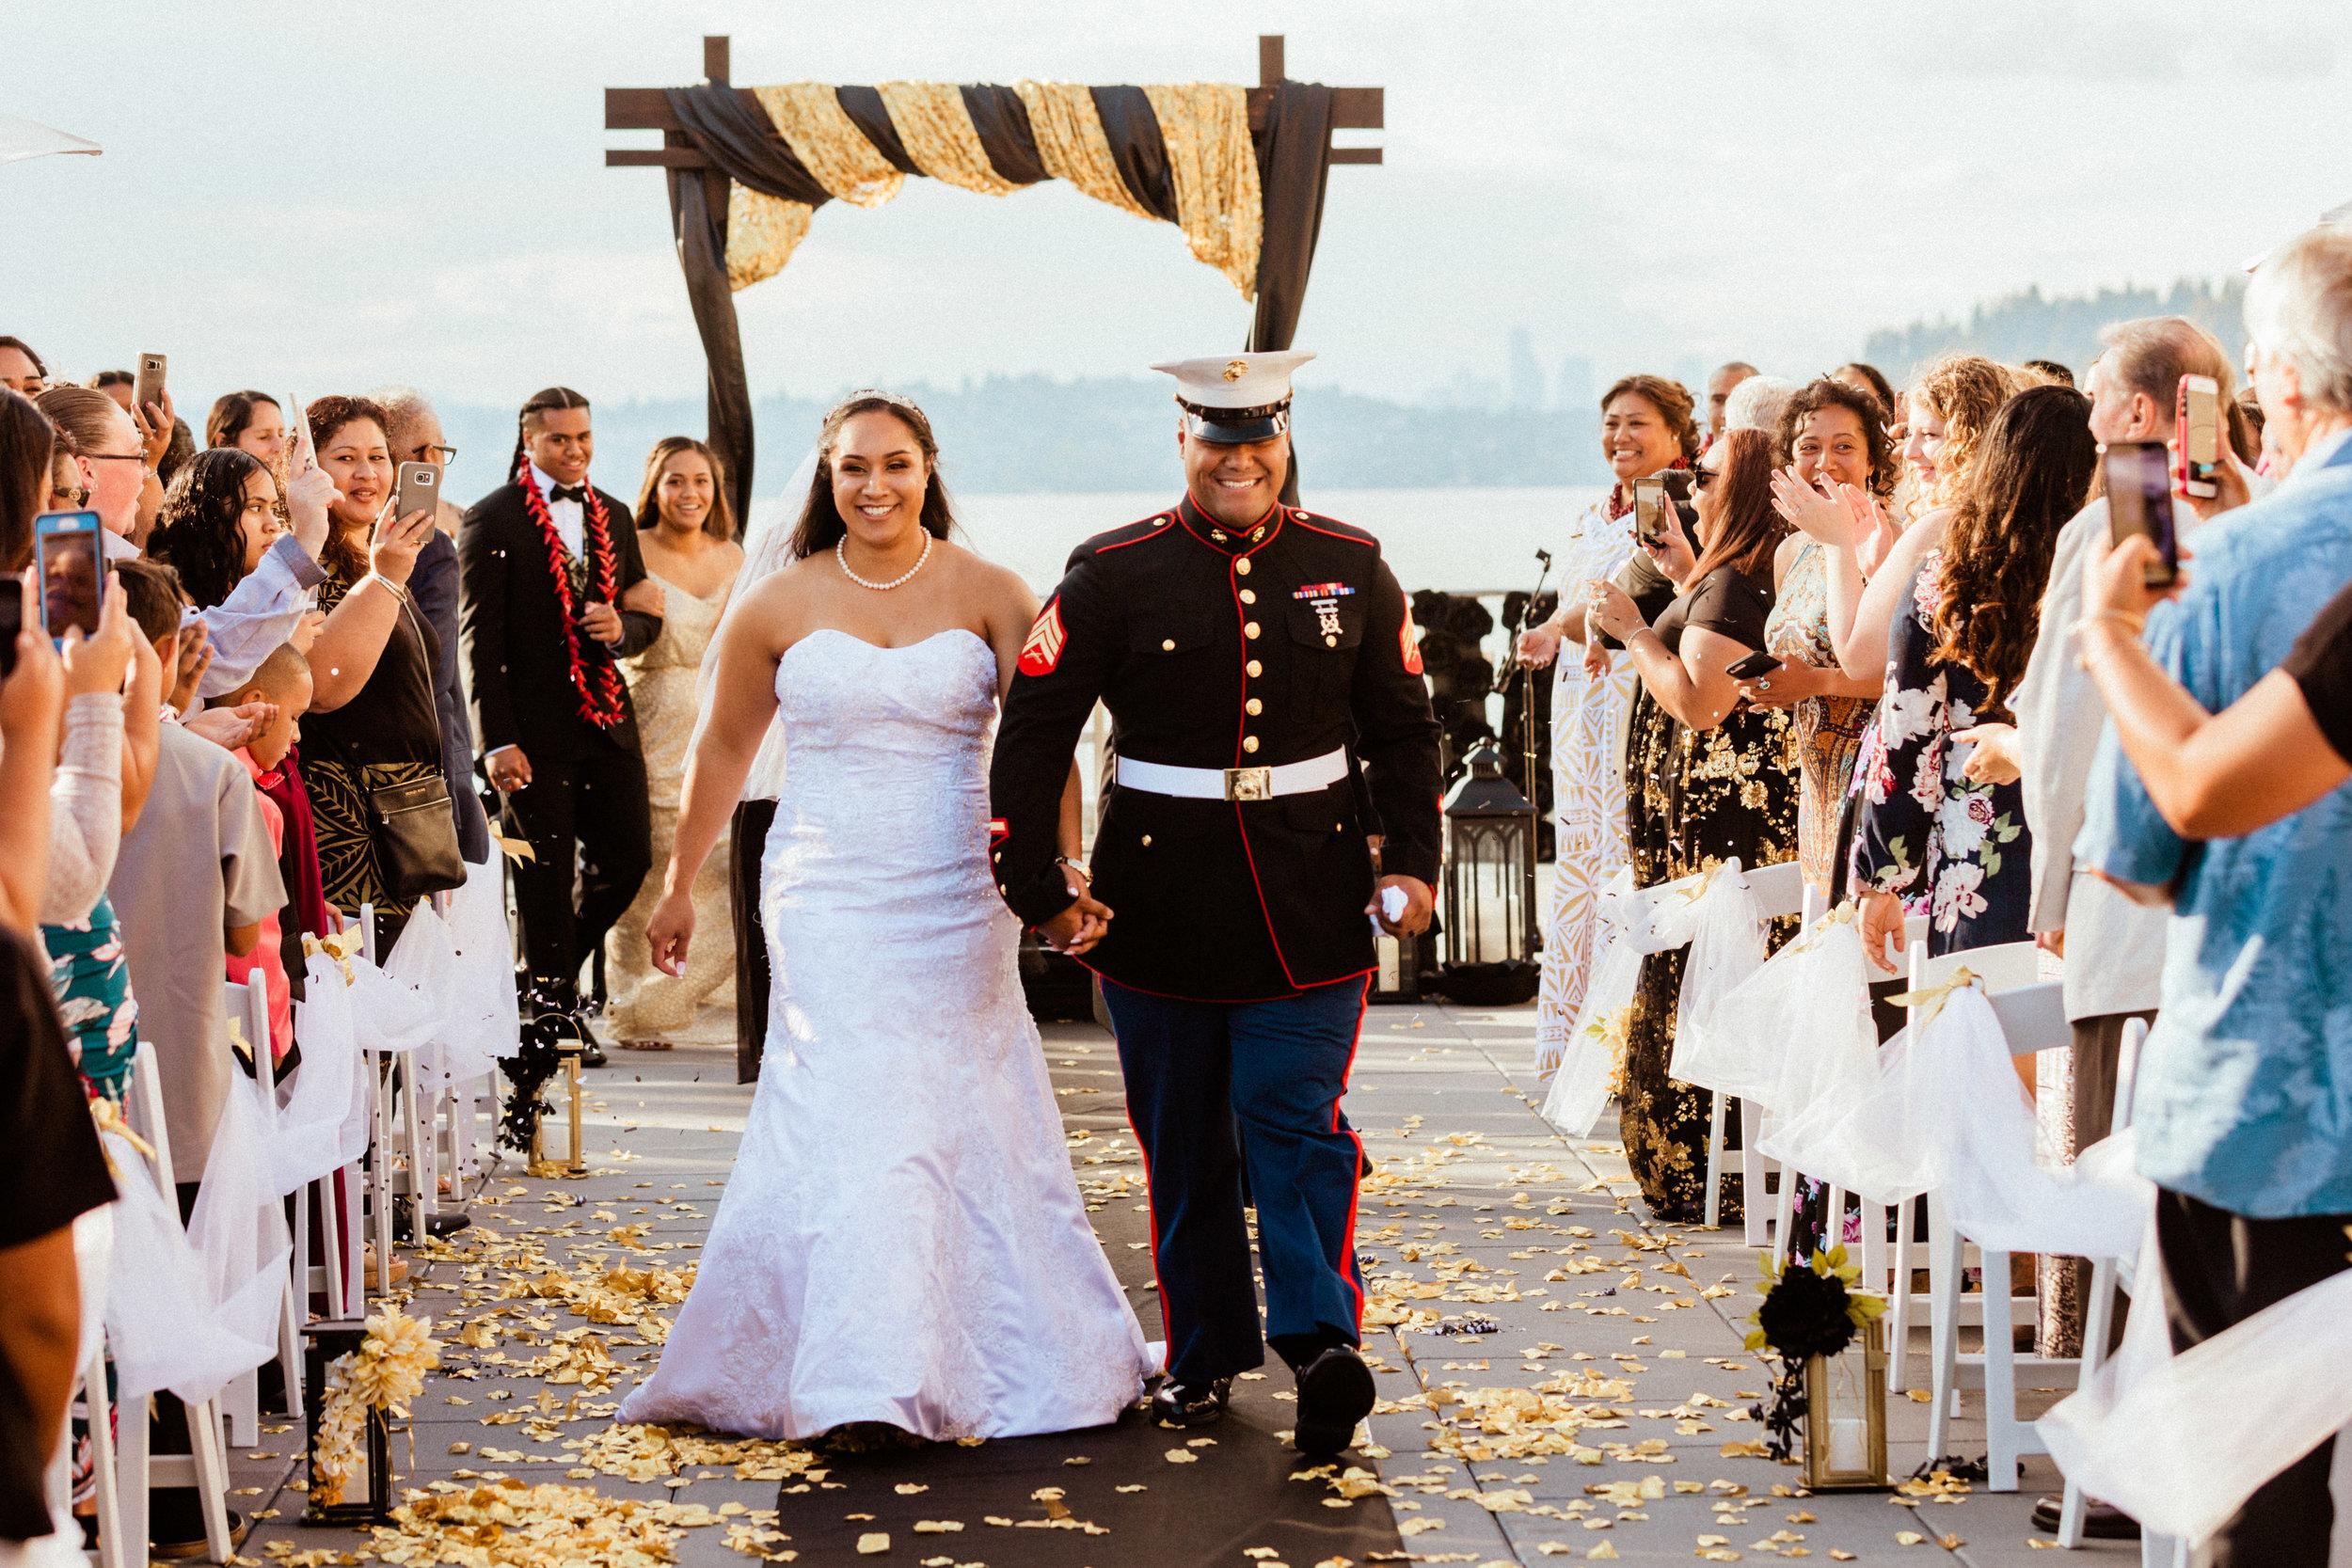 Alyx + Manny - Wedding at Hyatt Regency Lake Washington